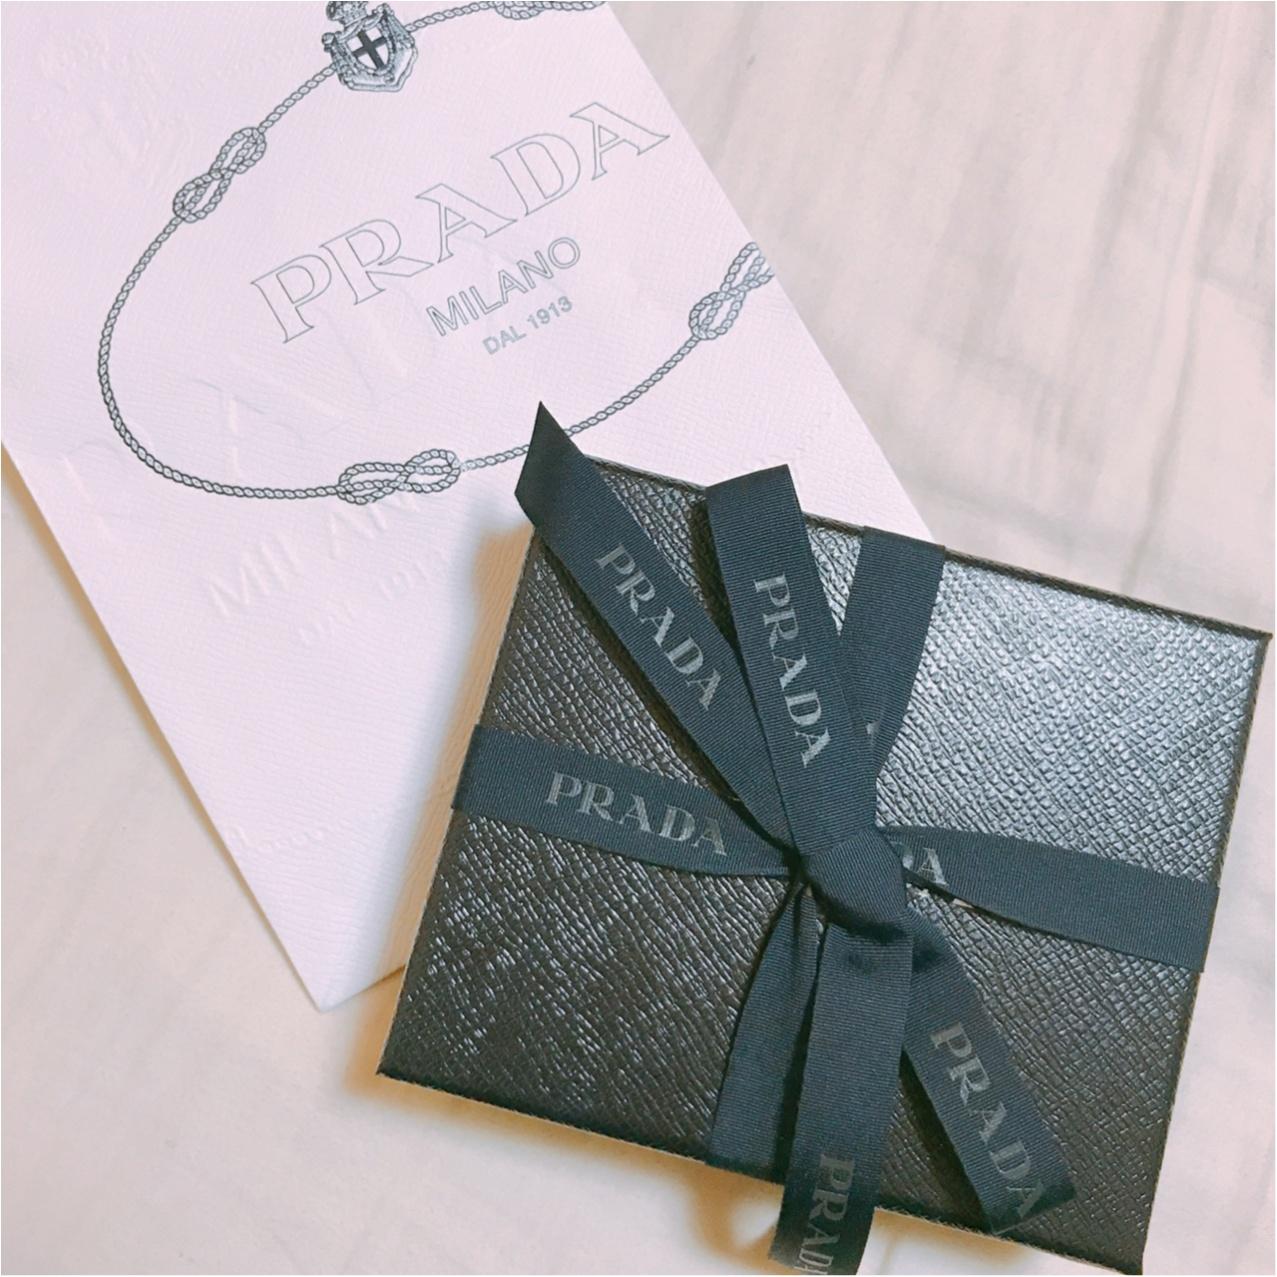 一見シンプル、開けたら可愛い♡【PRADA】で出会った新しいお財布!_1